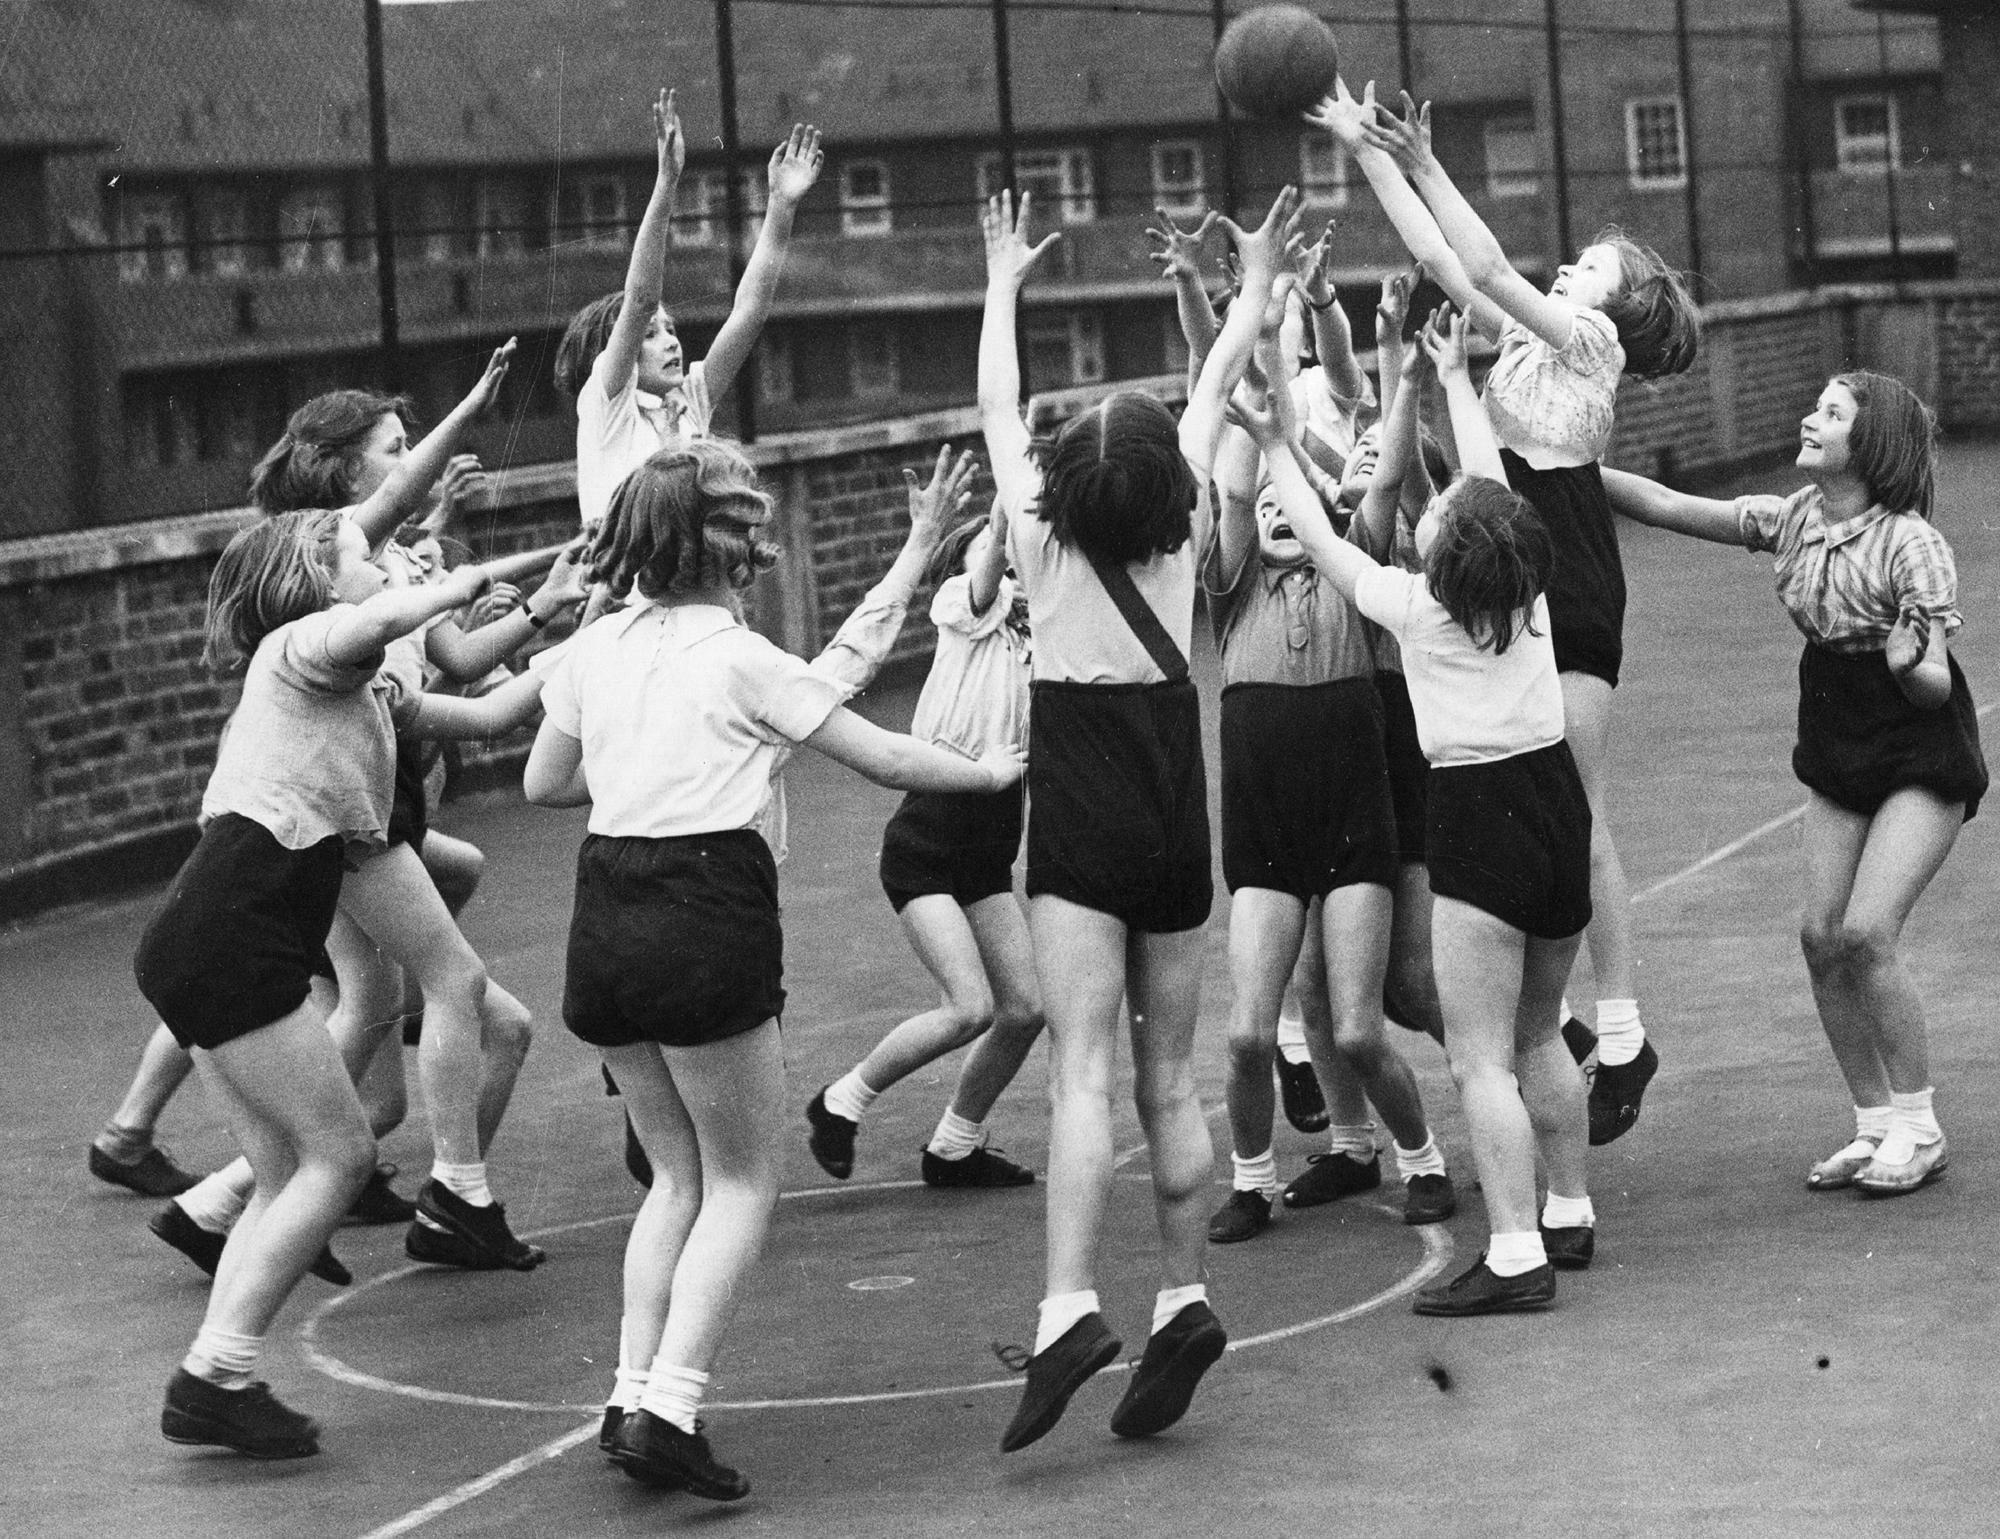 kosárlabdázó kislányok - Fotó: Getty Images